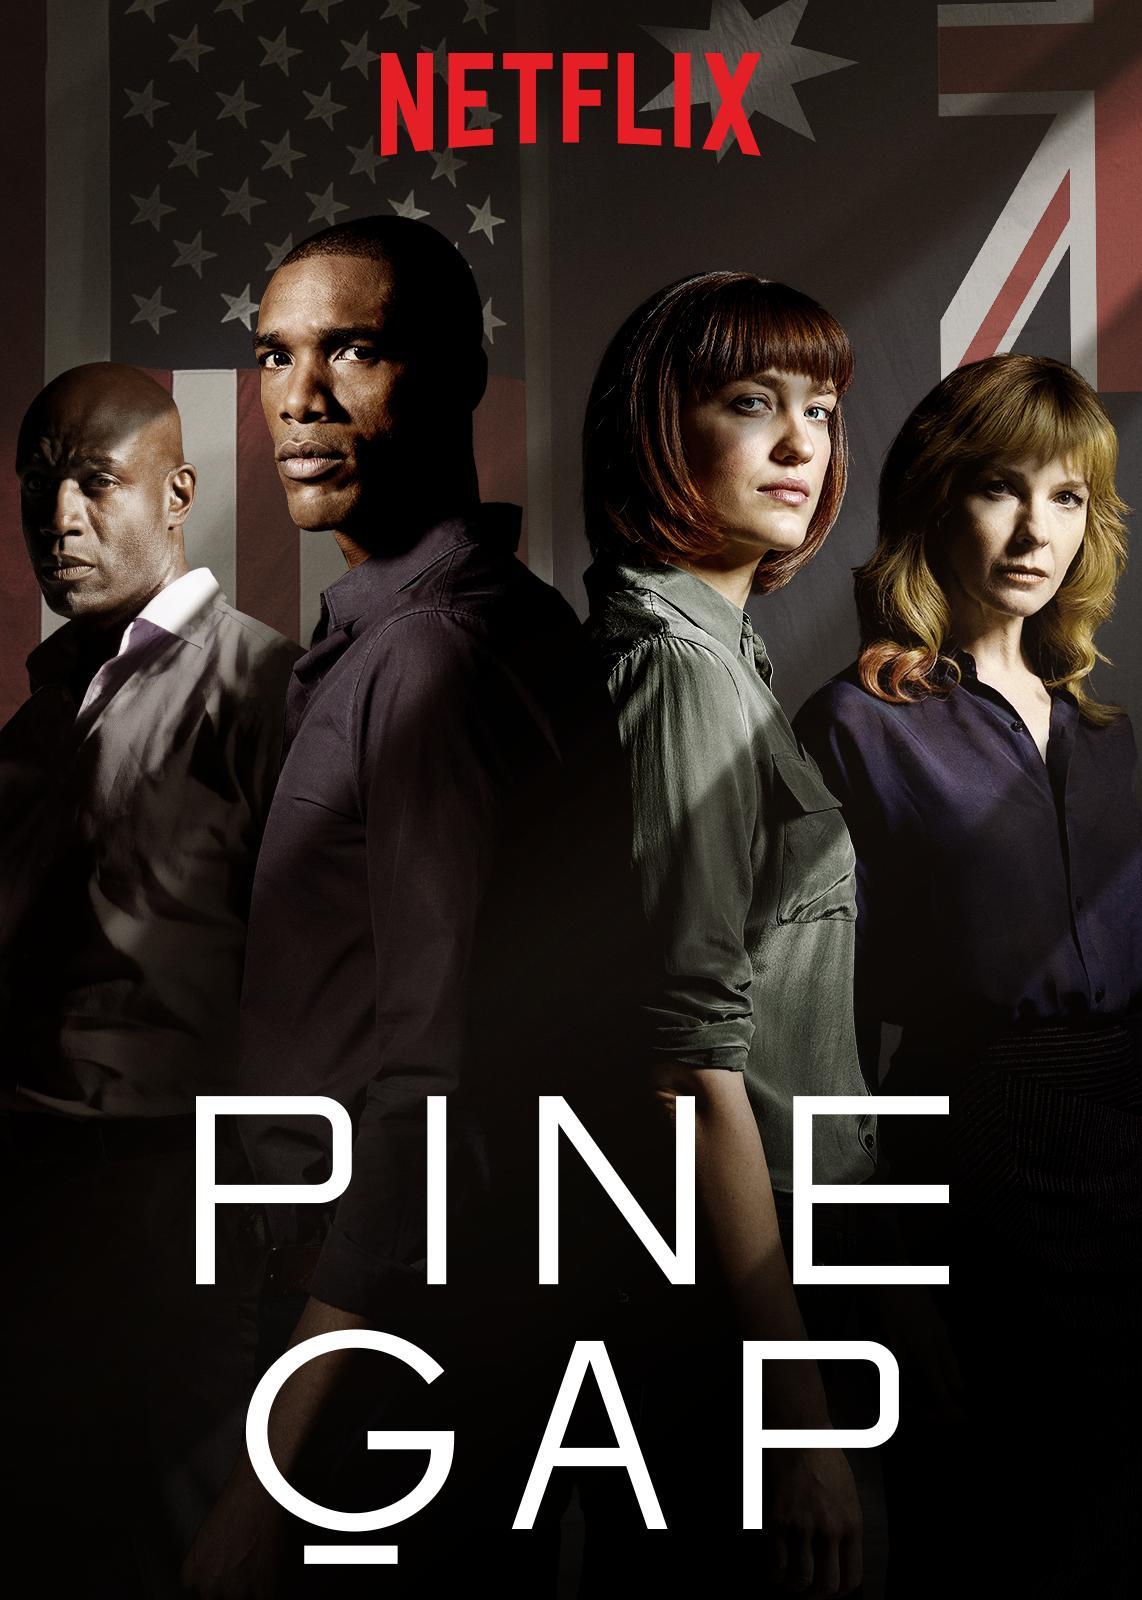 Pine.Gap.S01E05.HDTV.x264-FQM